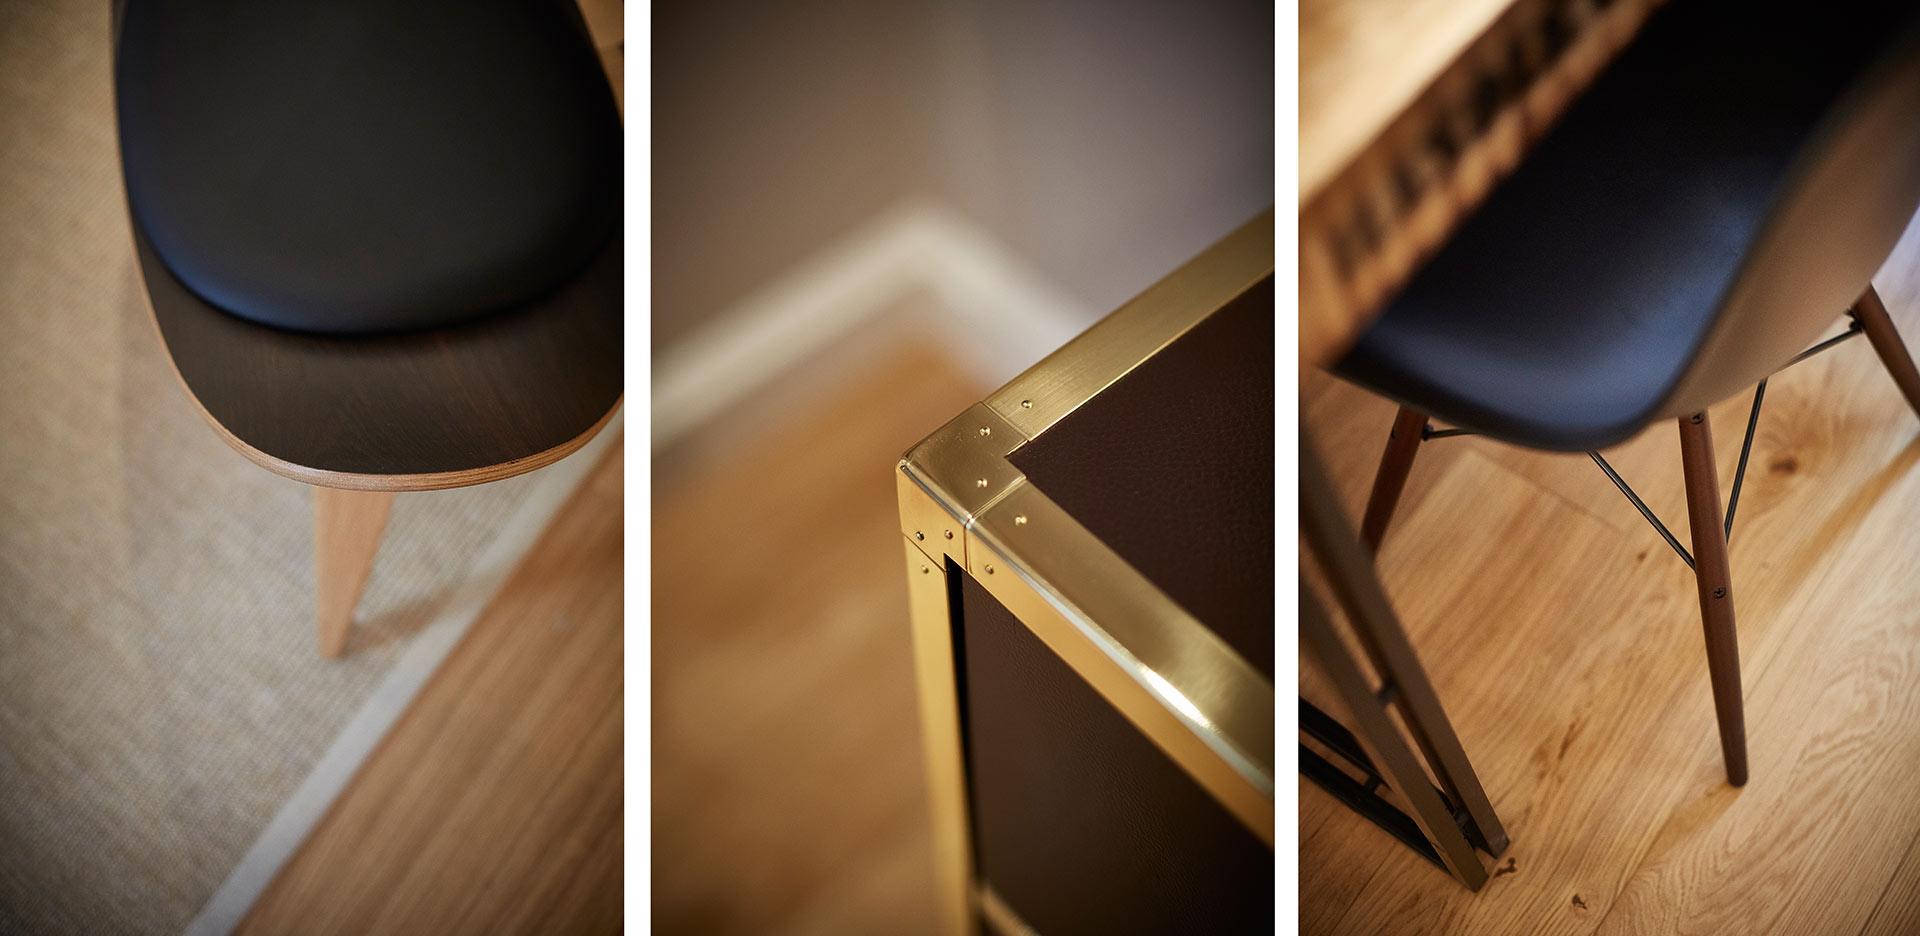 Impressionen aus dem Apartment im Hapimag Resort in Hamburg. Entworfen von JOI-Design.